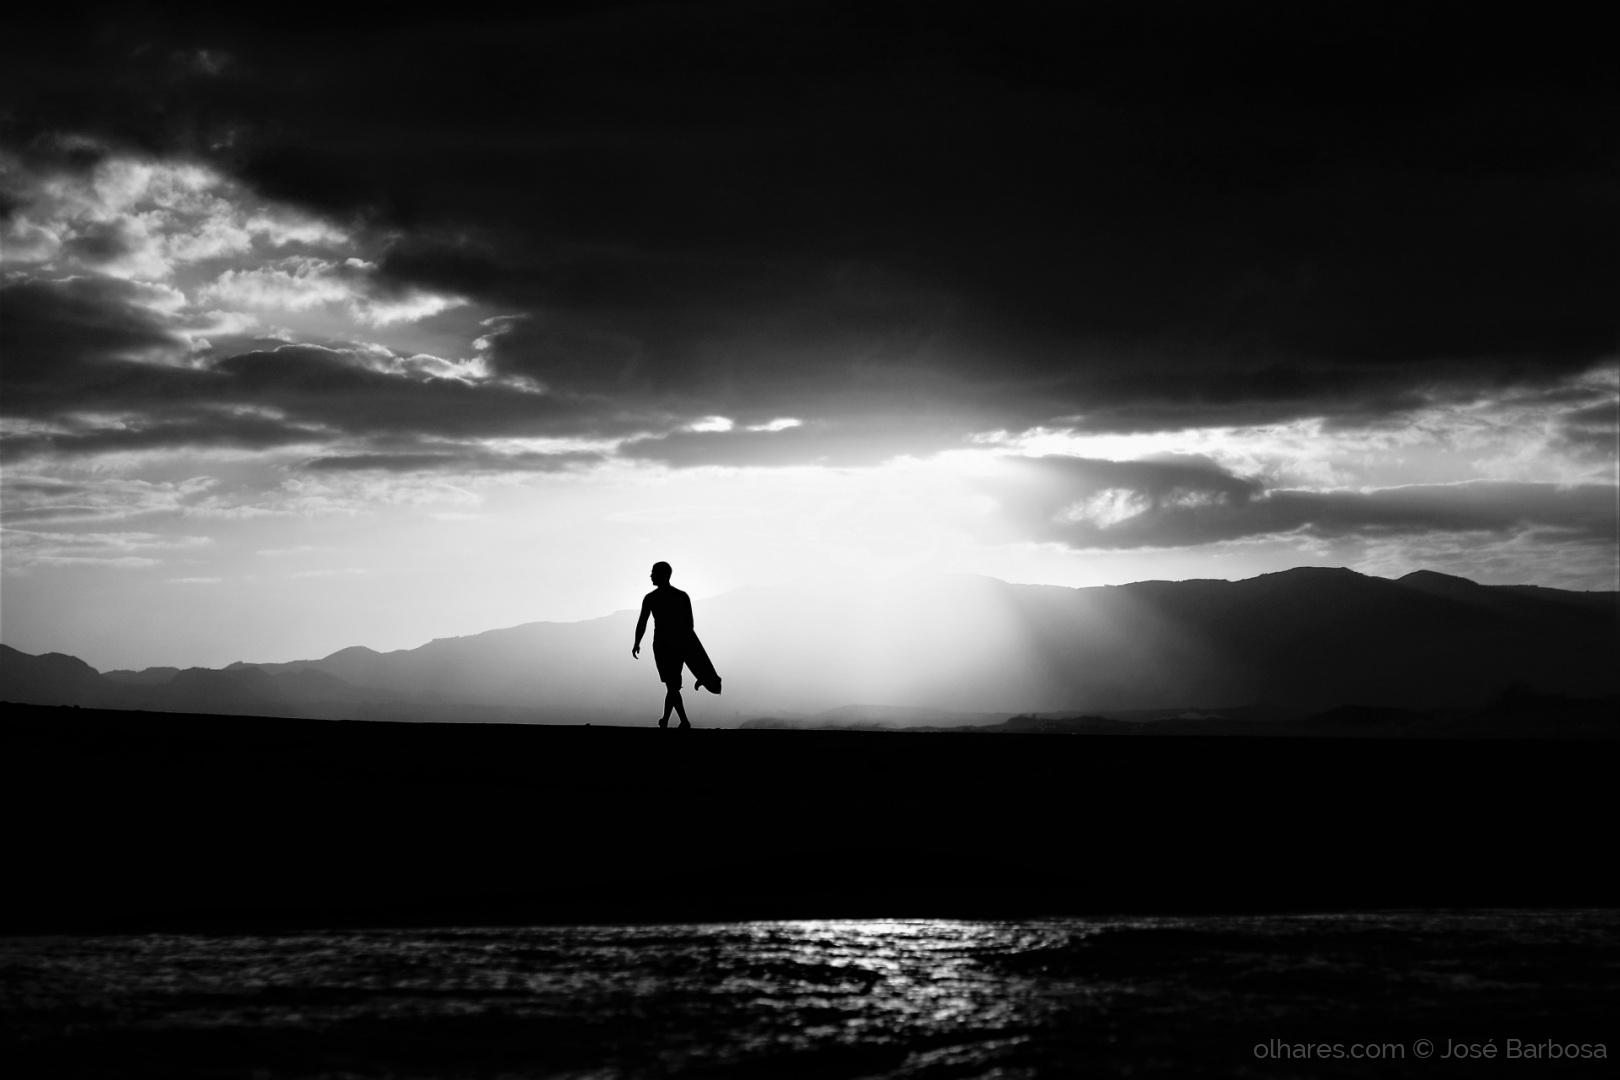 Desporto e Ação/The surfer universally ONLY with the LIGHT.